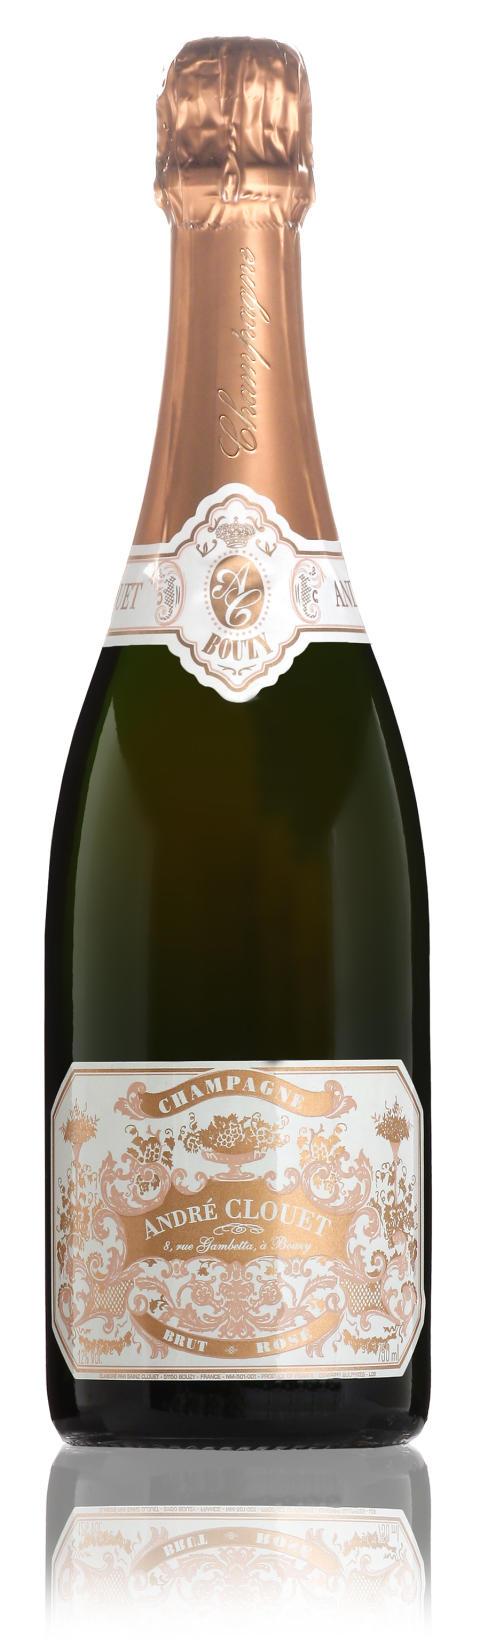 Champagne- Andre Clouet - Rosé